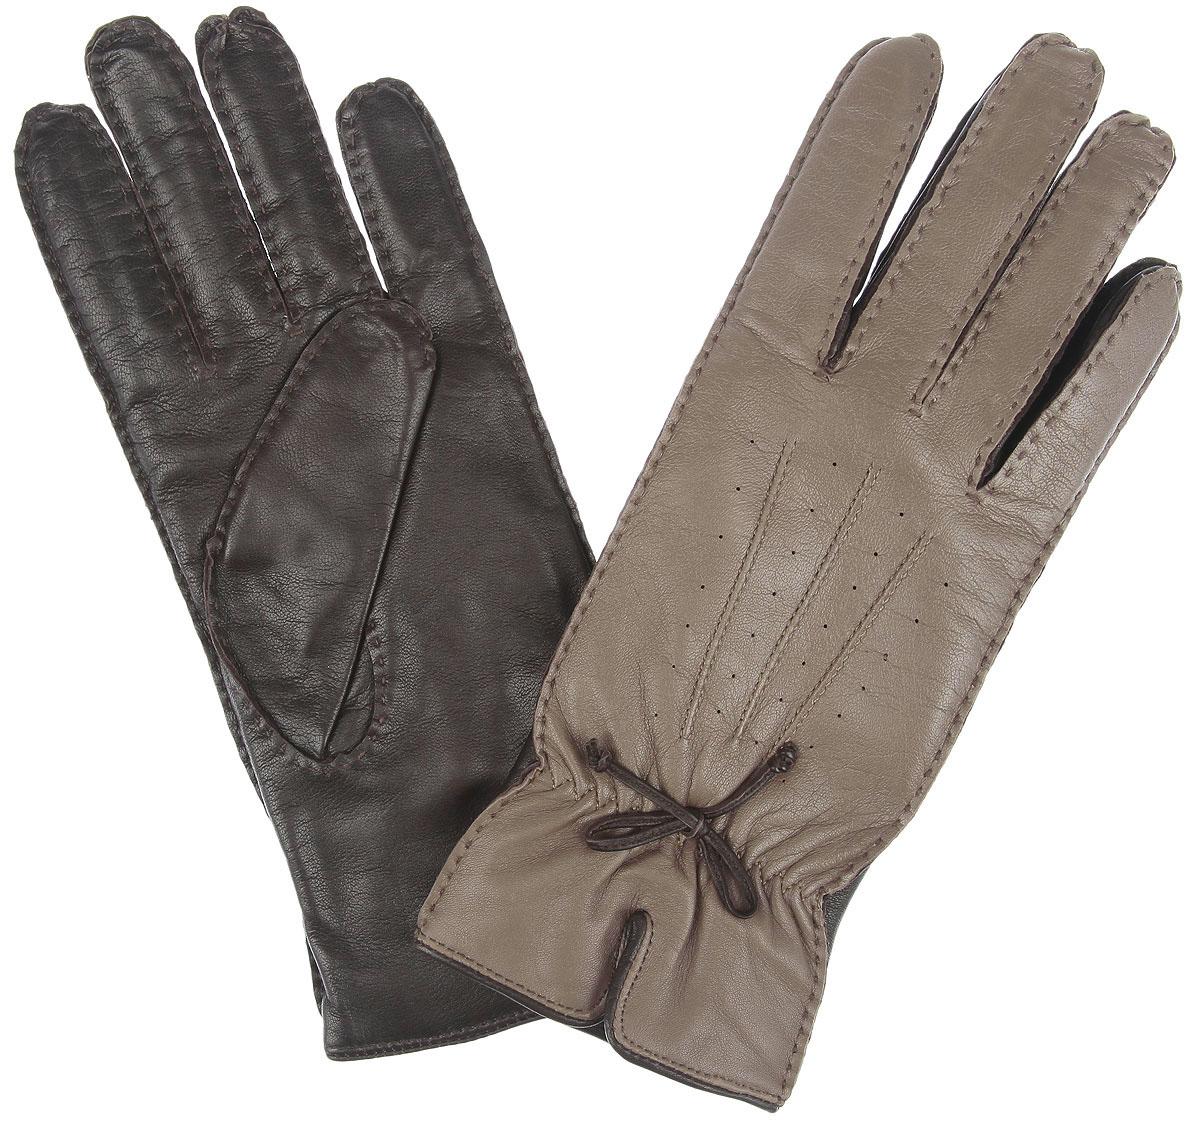 Перчатки2.40-10 taupeПотрясающие женские перчатки Fabretti не только защитят ваши руки, но и станут великолепным украшением. Перчатки выполнены из чрезвычайно мягкой и приятной на ощупь натуральной кожи, а их подкладка - из шерсти с добавлением кашемира. Модель исполнена в двух оттенках. Лицевая сторона оформлена оригинальной отстрочкой, бантиком, декоративными швами три луча, небольшим разрезом, а также аккуратной резинкой для лучшей фиксации модели на запястье. Отличный классический вариант, который станет прекрасным дополнением к вашему образу.